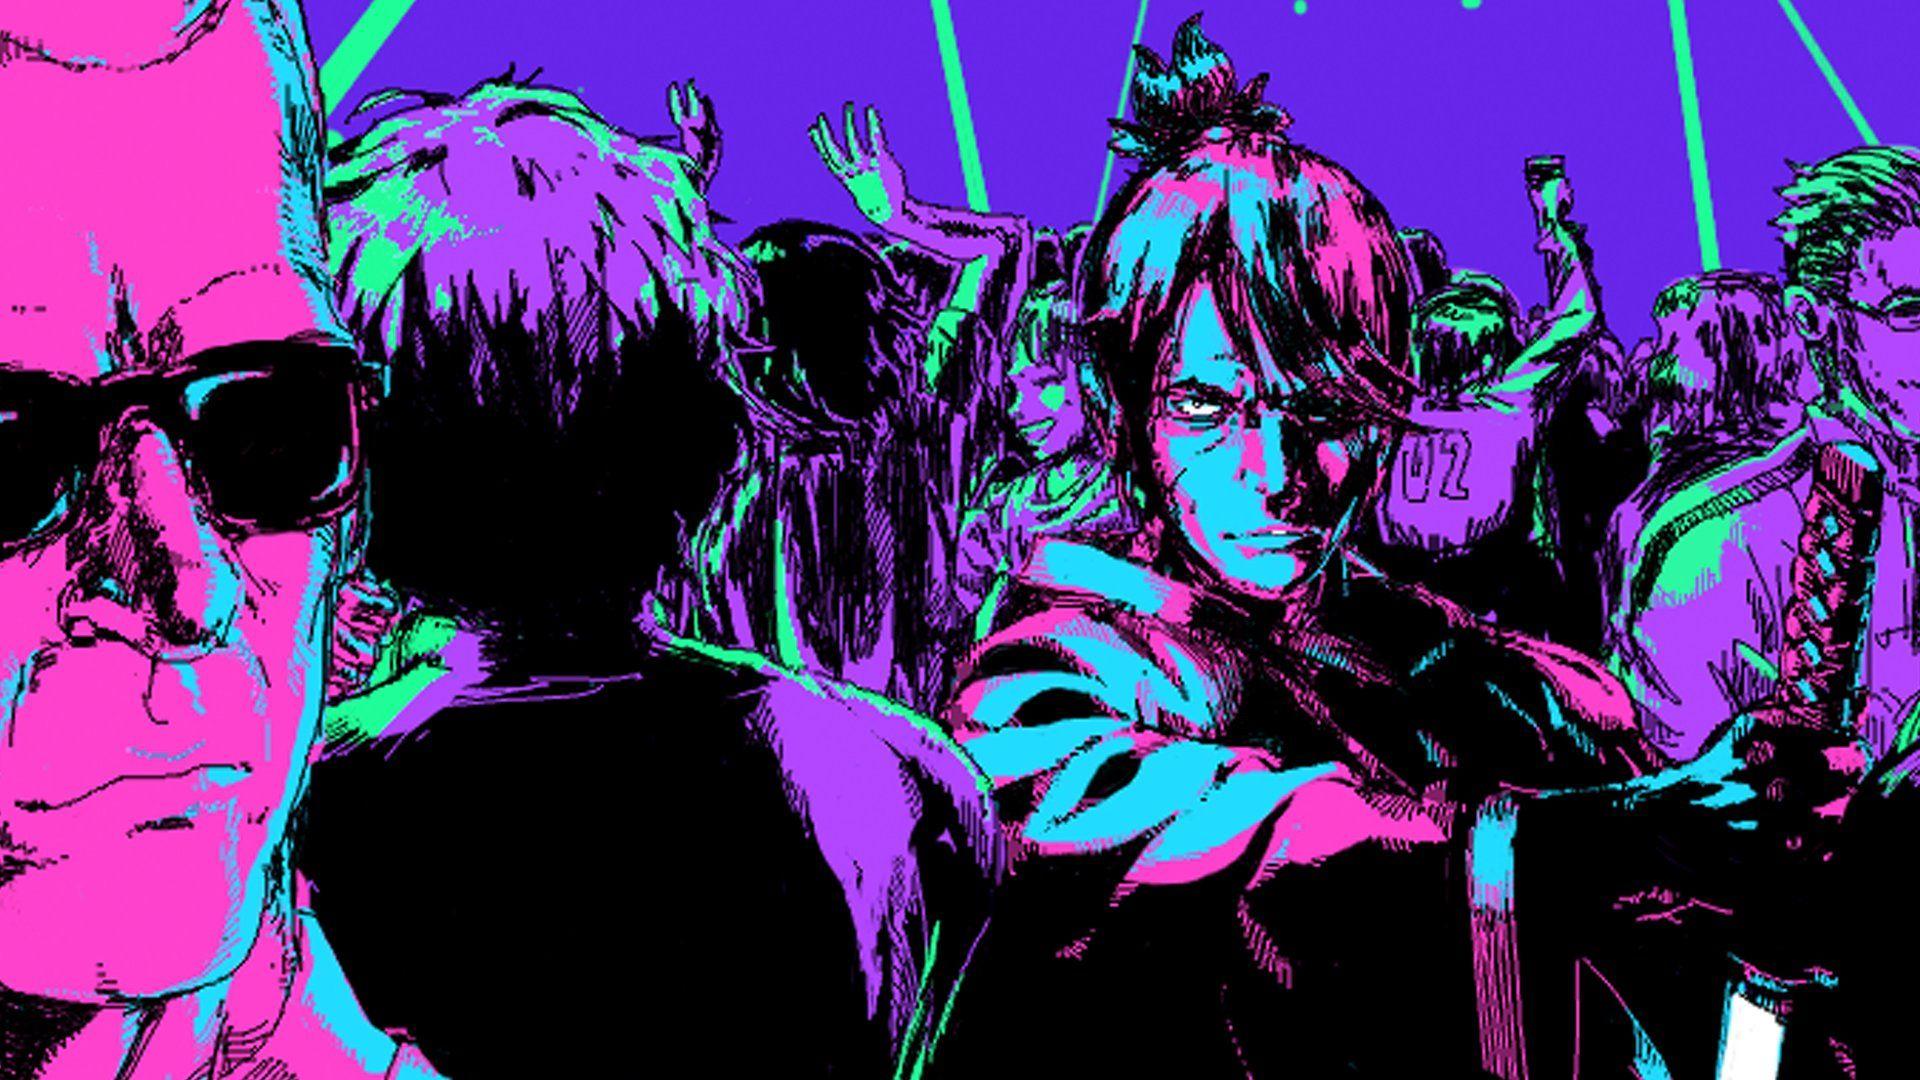 The First 19 Minutes Of Katana Zero Check Out The First 19 Minutes Of Askiisoft S Time Bending One Hit Kill Action Game Katana Zero Ap Katana Jogos Free Retro